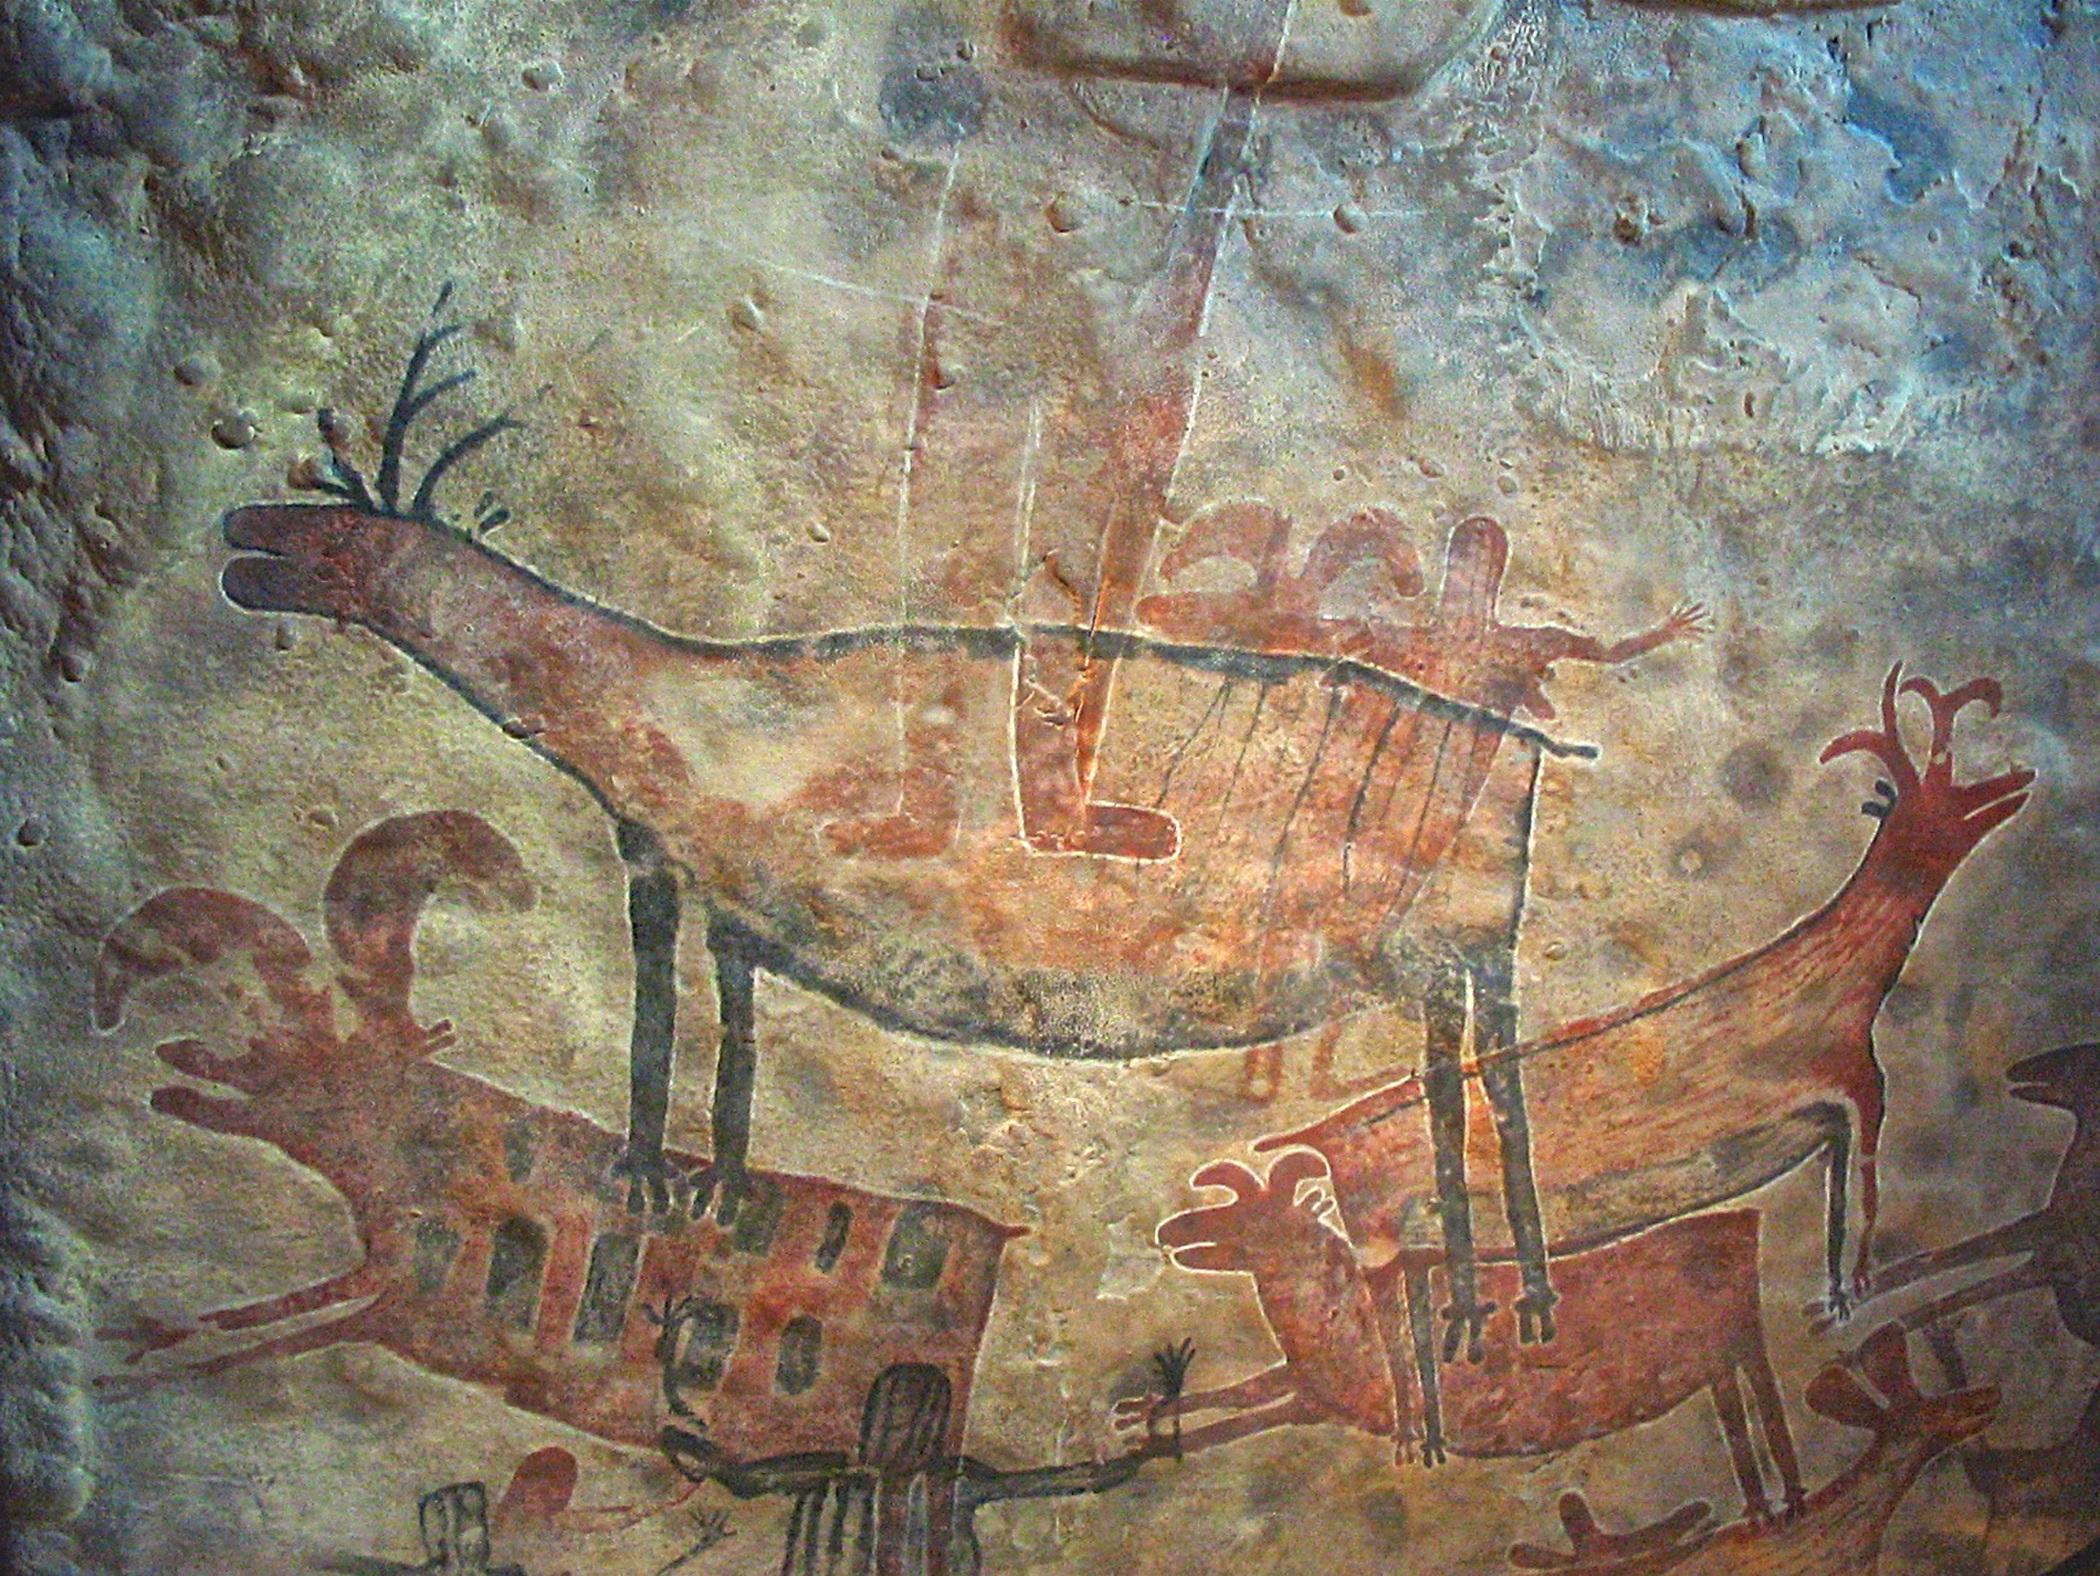 Images Gratuites : Antique, Vieux, Mur, Pierre, Ancien, Peindre,  Historique, Nature Morte, La Peinture, Tribu, Esquisser, Archéologie,  Civilisation, ...